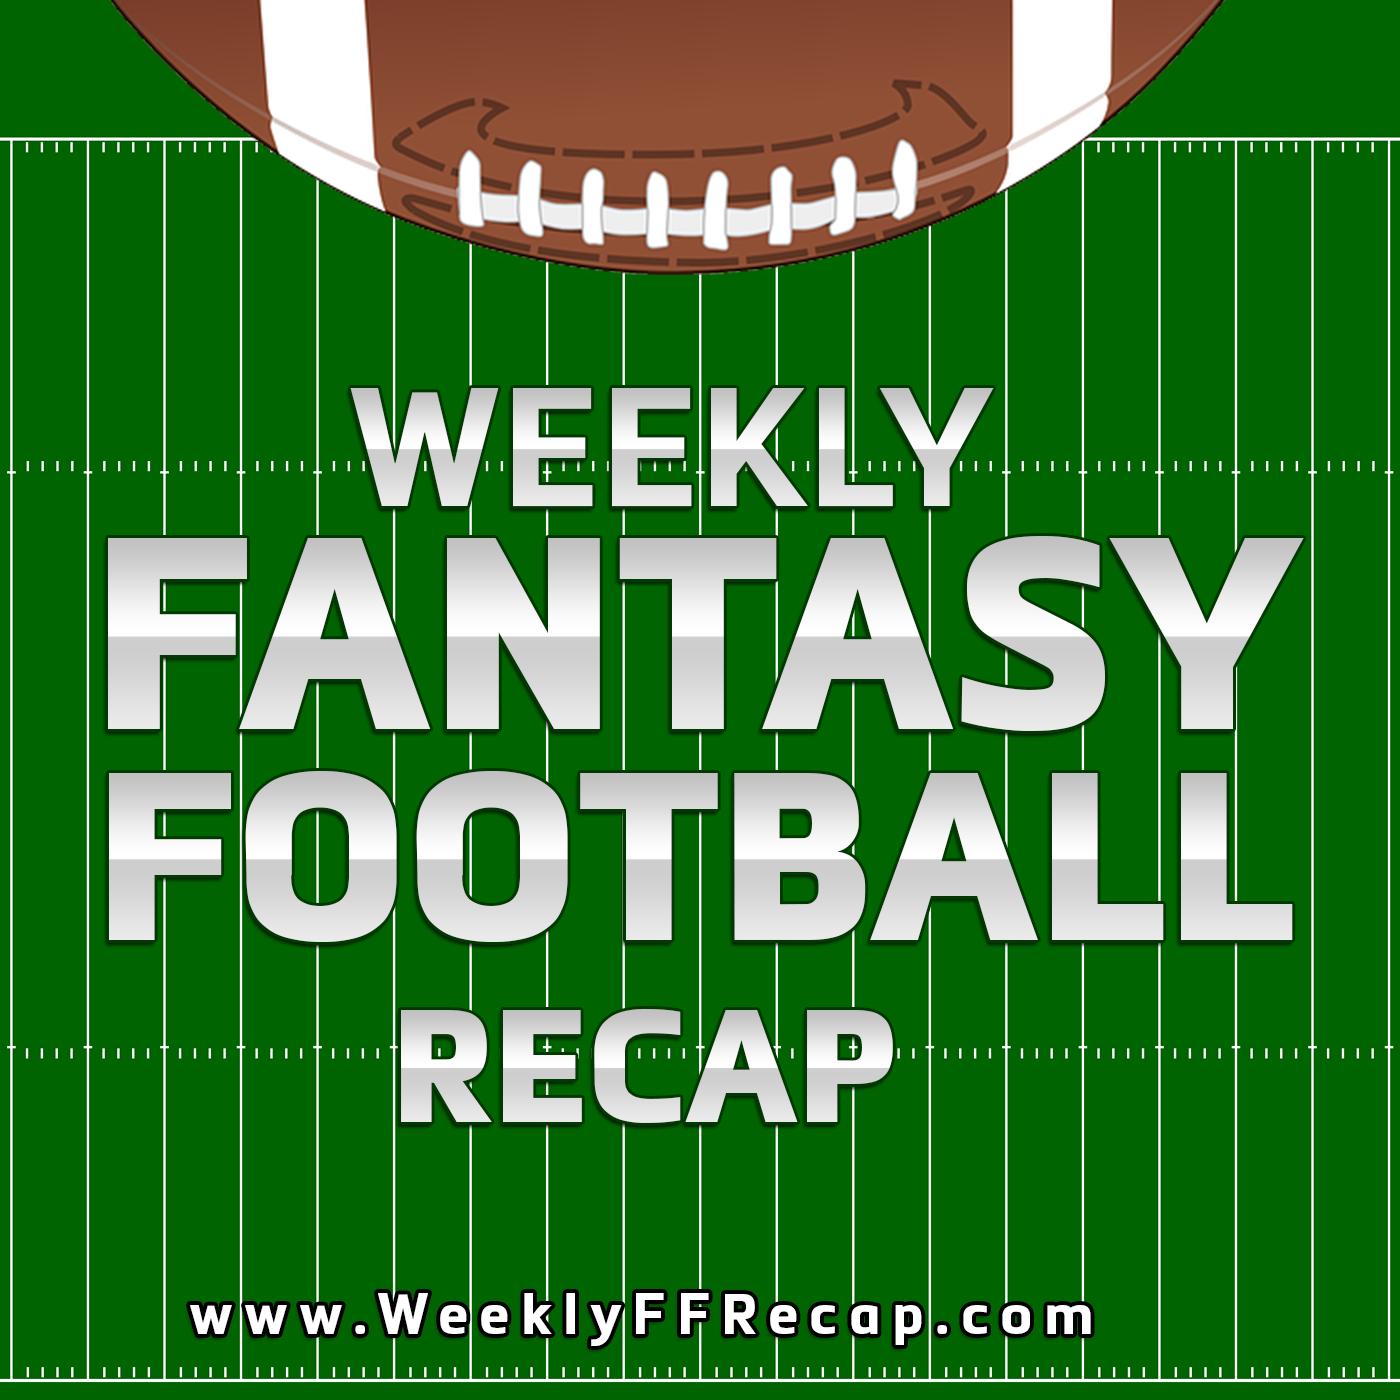 WeeklyFFRecap